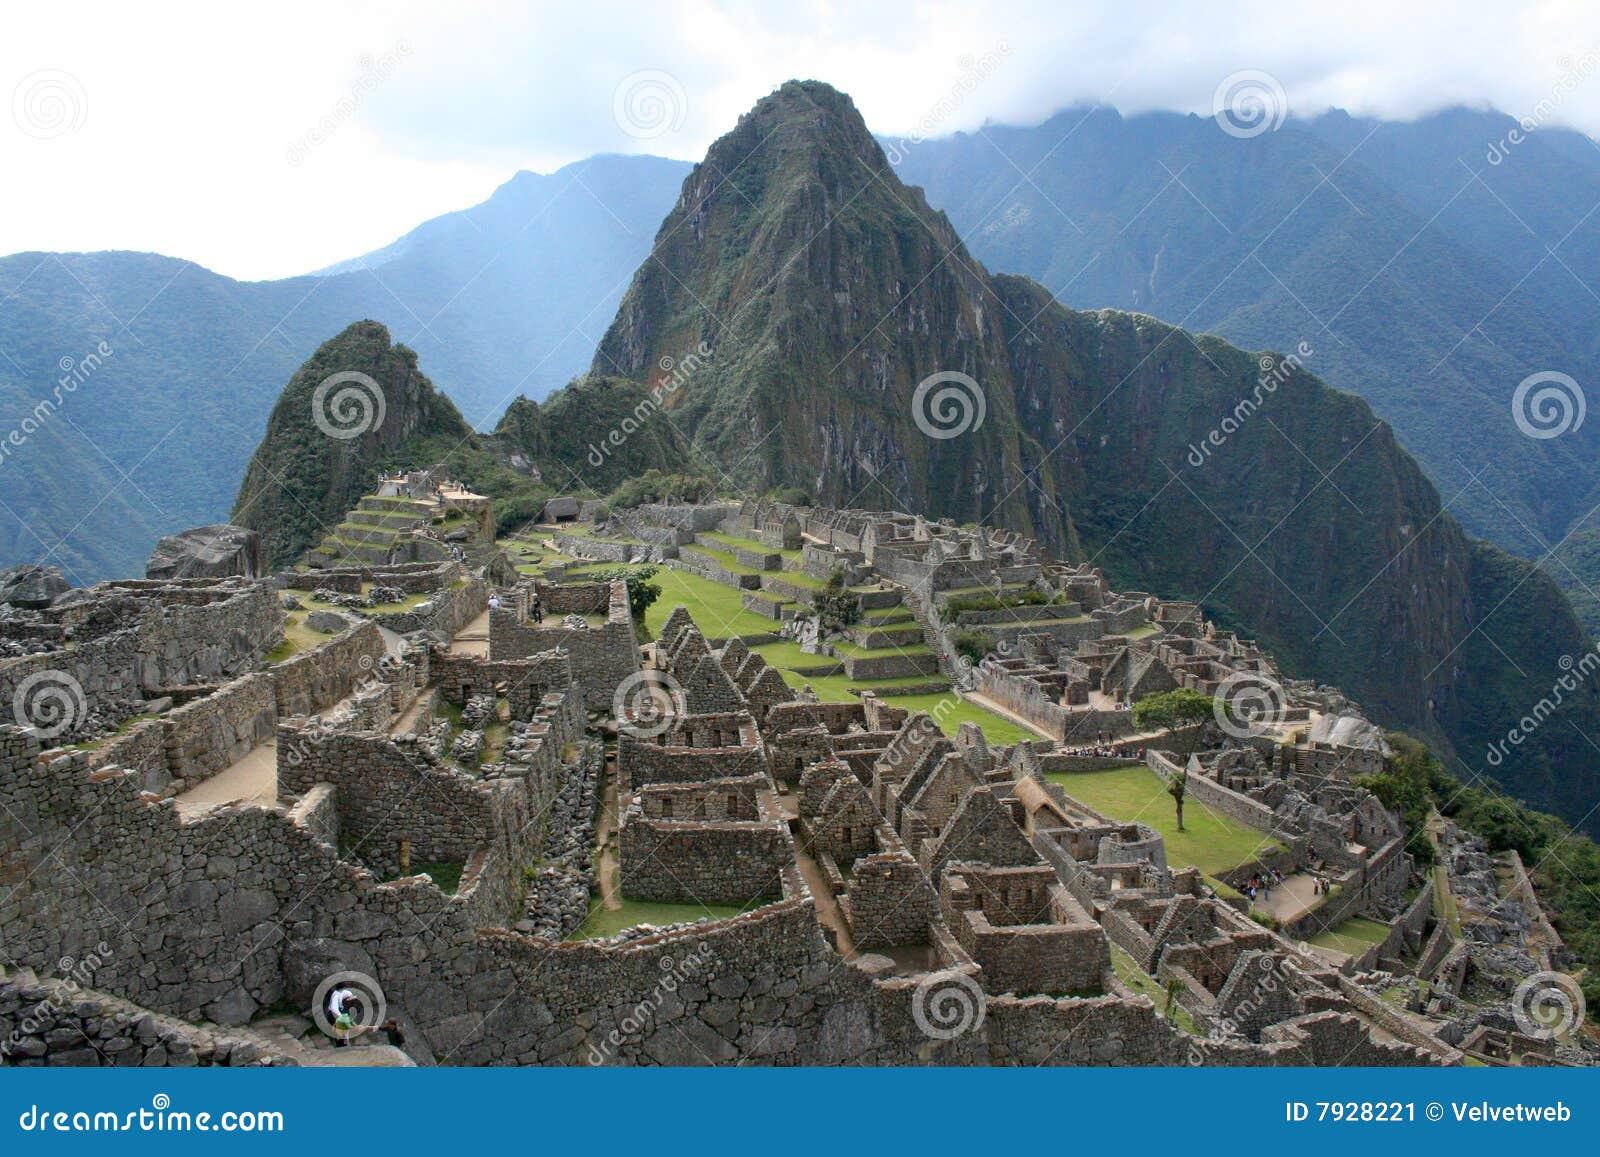 Machu Picchu Ruins Stock Image - Image: 7928221